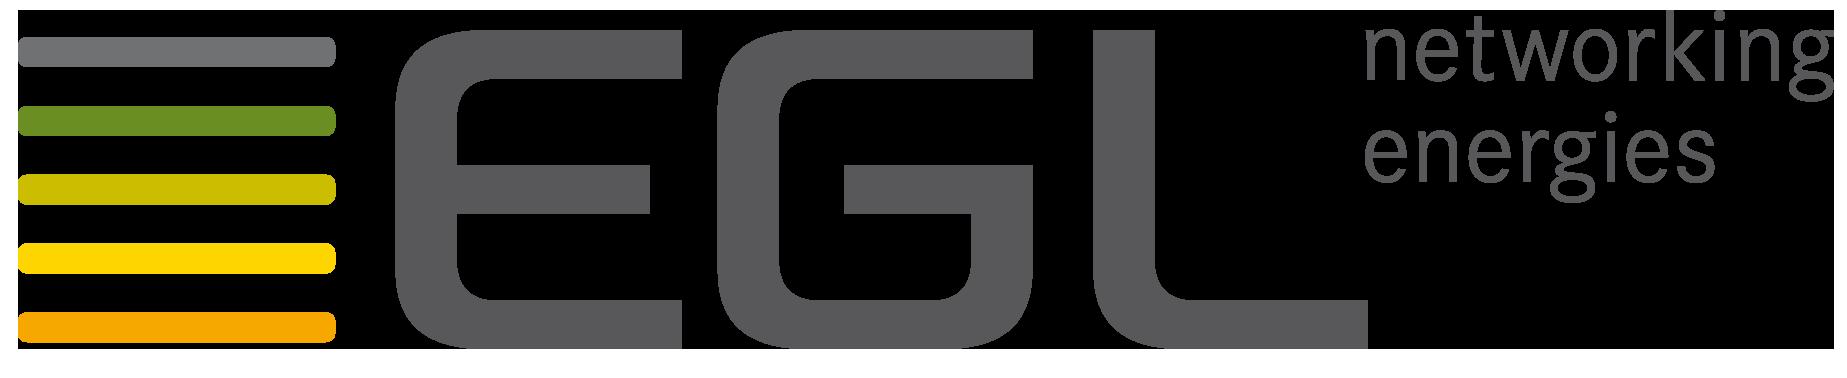 egl_networking_energies